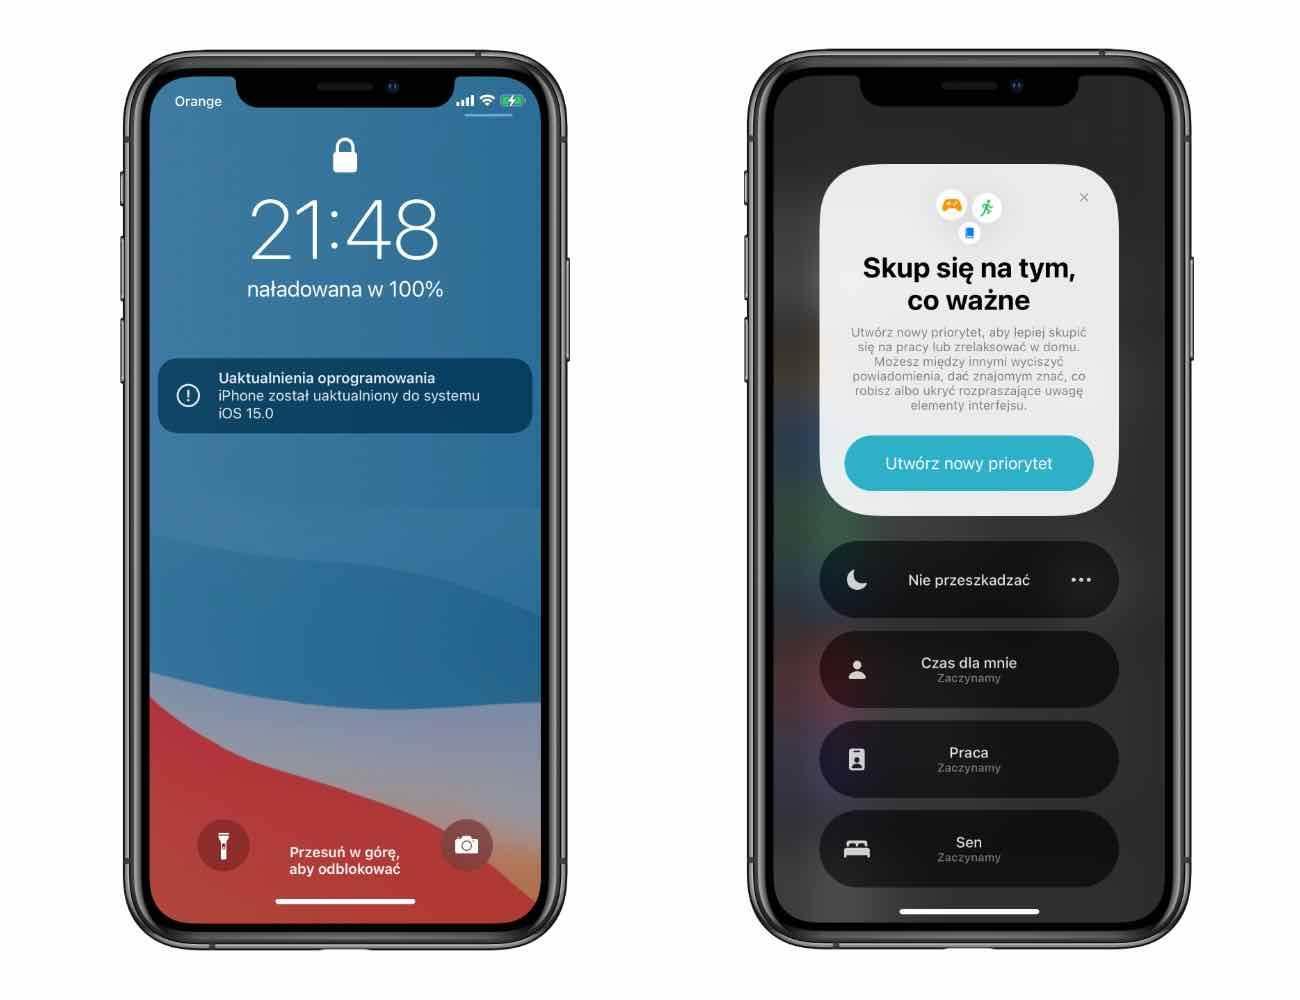 iOS 15 - polskie screeny polecane, ciekawostki zrzuty ekranu, screeny, polskie screeny z iOS 15, jak wygląda iOS 15, iOS 15 screeny, iOS 14 screeny, iOS, Apple  Pierwsza beta iOS 15 jest już w naszych rękach, więc przygotowaliśmy dla Was polskie screeny z najnowszej wersji iOS. iOS15beta1